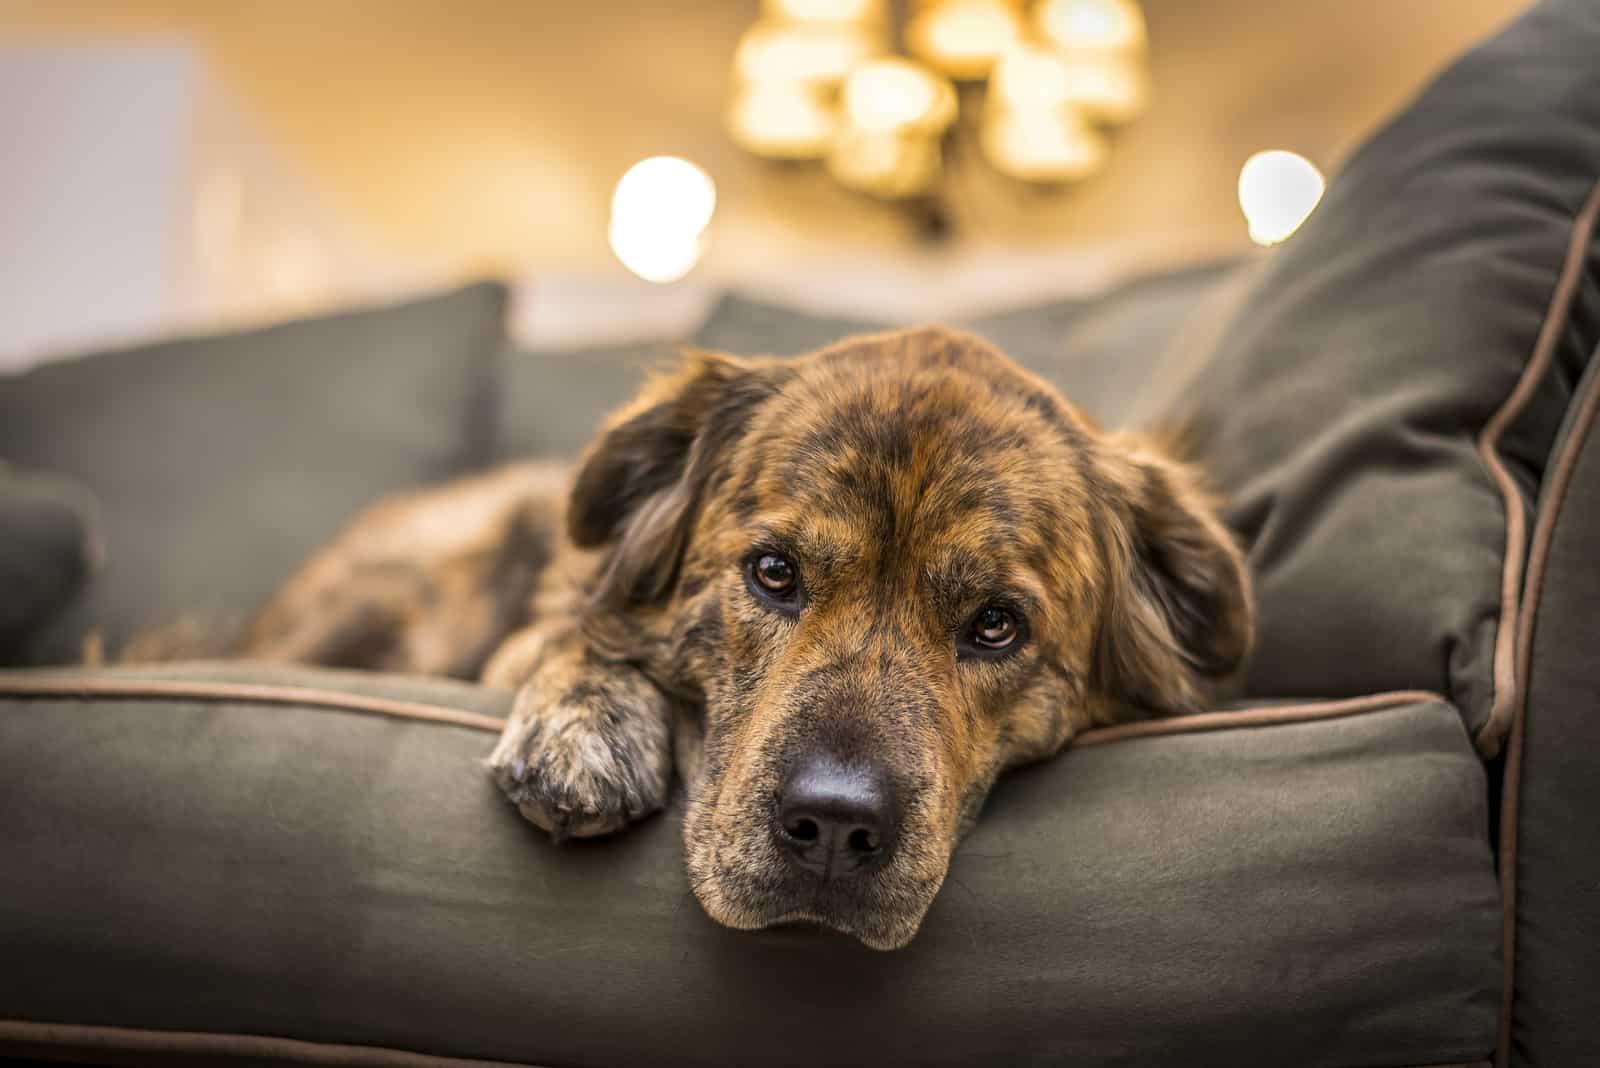 Entzückender, aber trauriger und einsamer Hund, der sich auf das Sofa legt